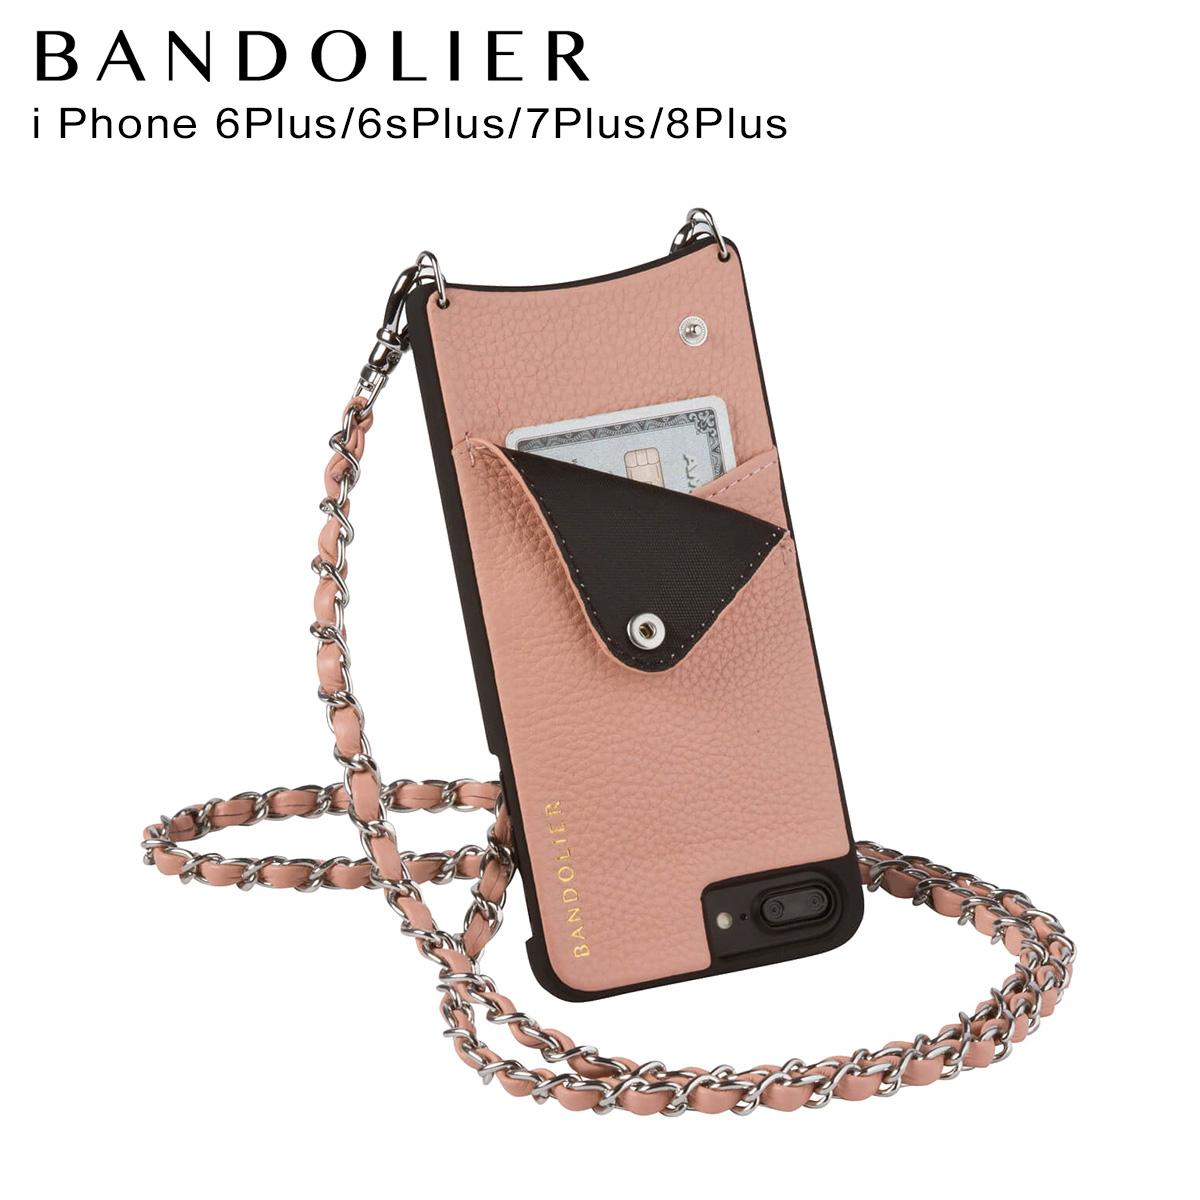 【最大2000円OFFクーポン】 BANDOLIER バンドリヤー iPhone8Plus iPhone7Plus 6sPlus ケース スマホ アイフォン プラス LUCY BLUSH メンズ レディース